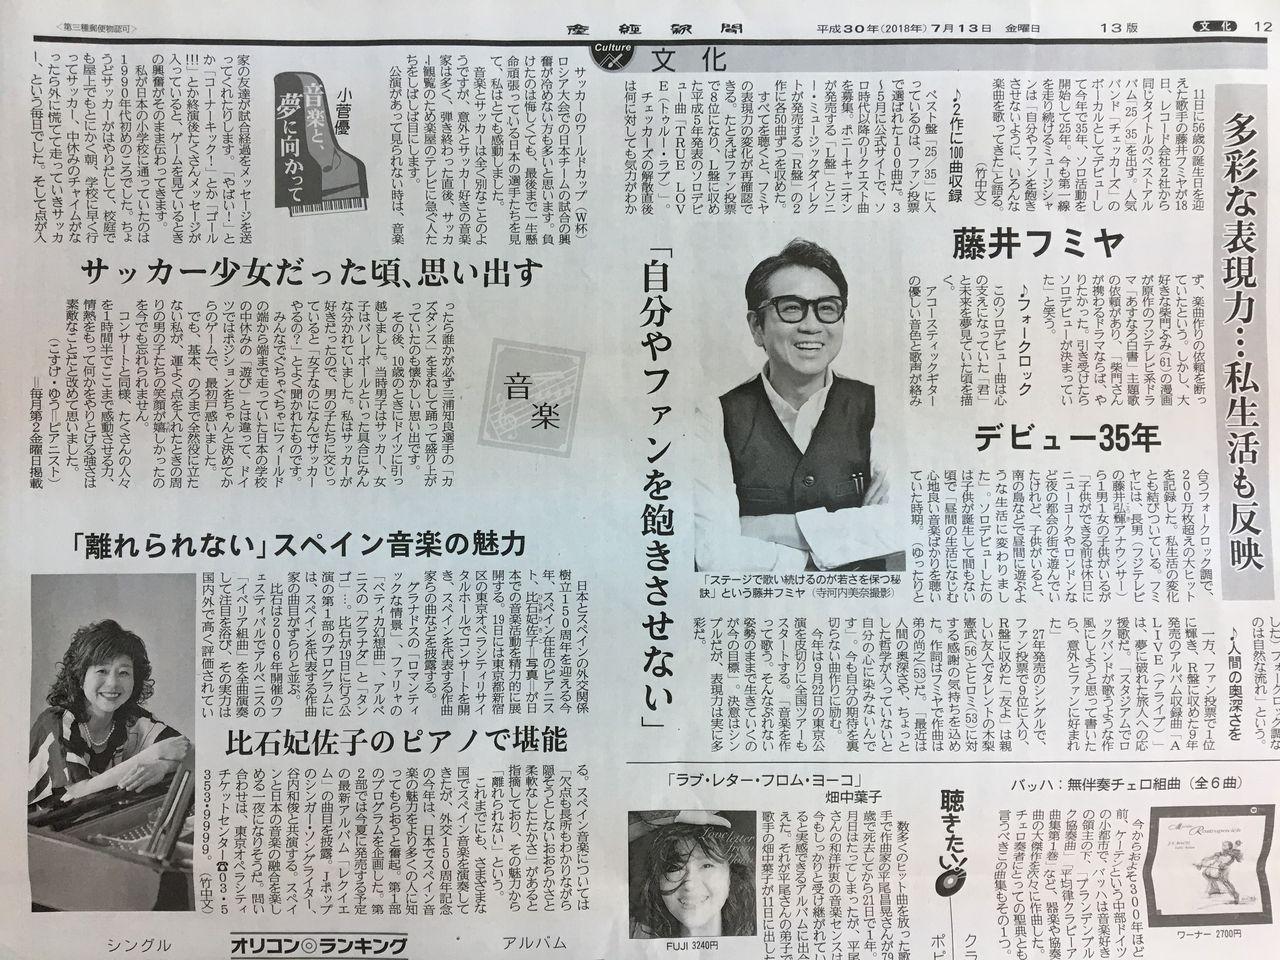 産経新聞文化芸能12P_20180713